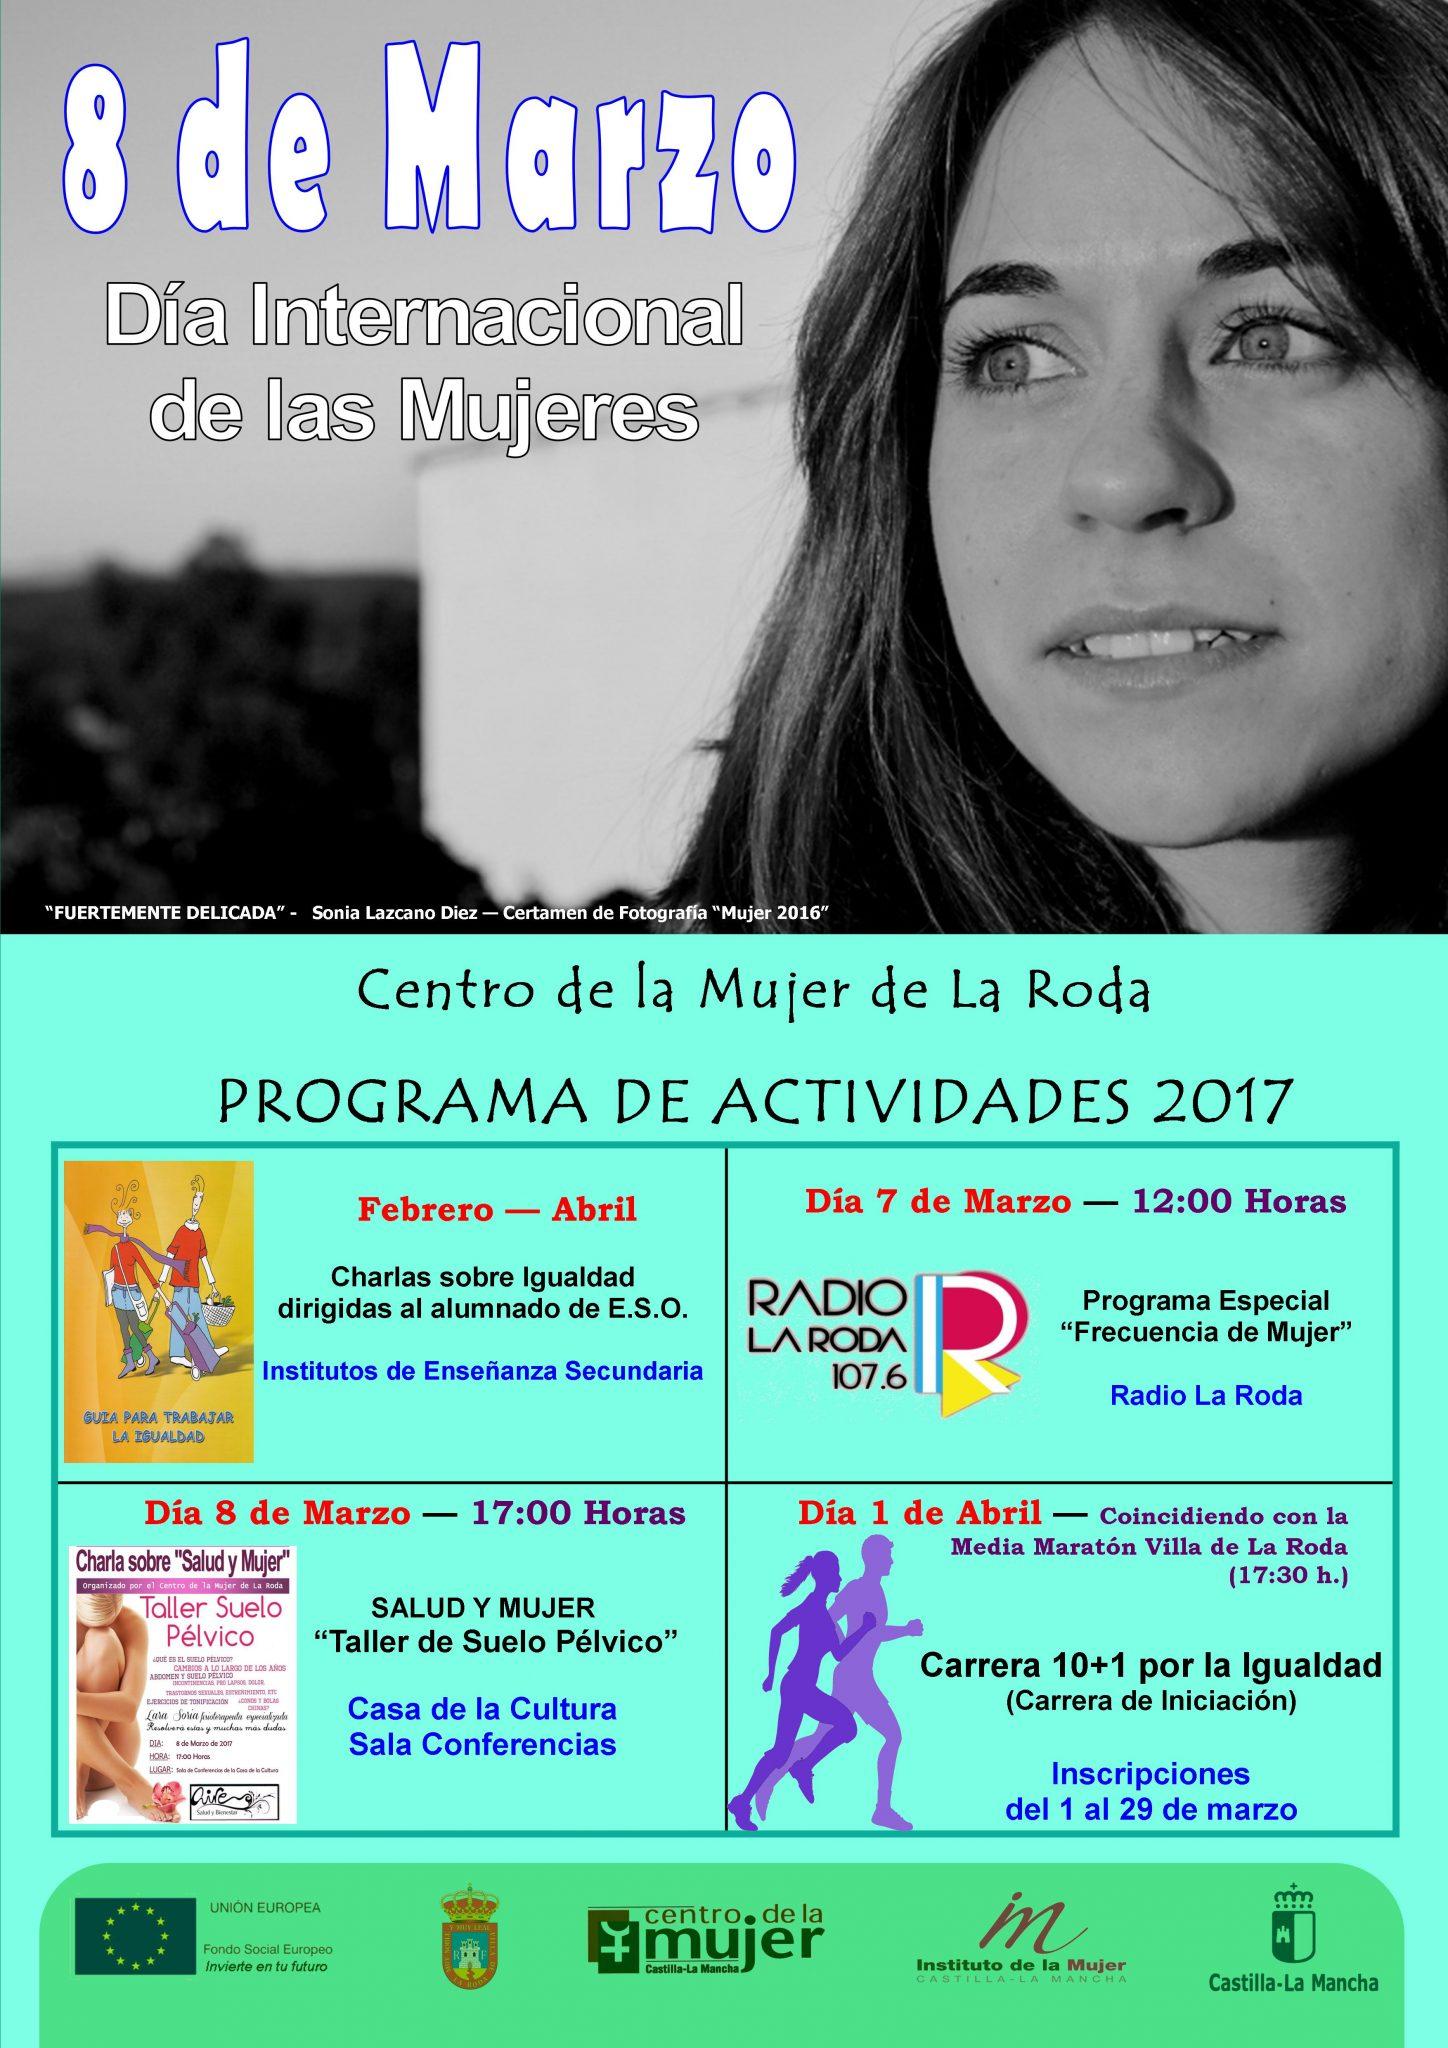 Actividades Dia Internacional De Las Mujeres